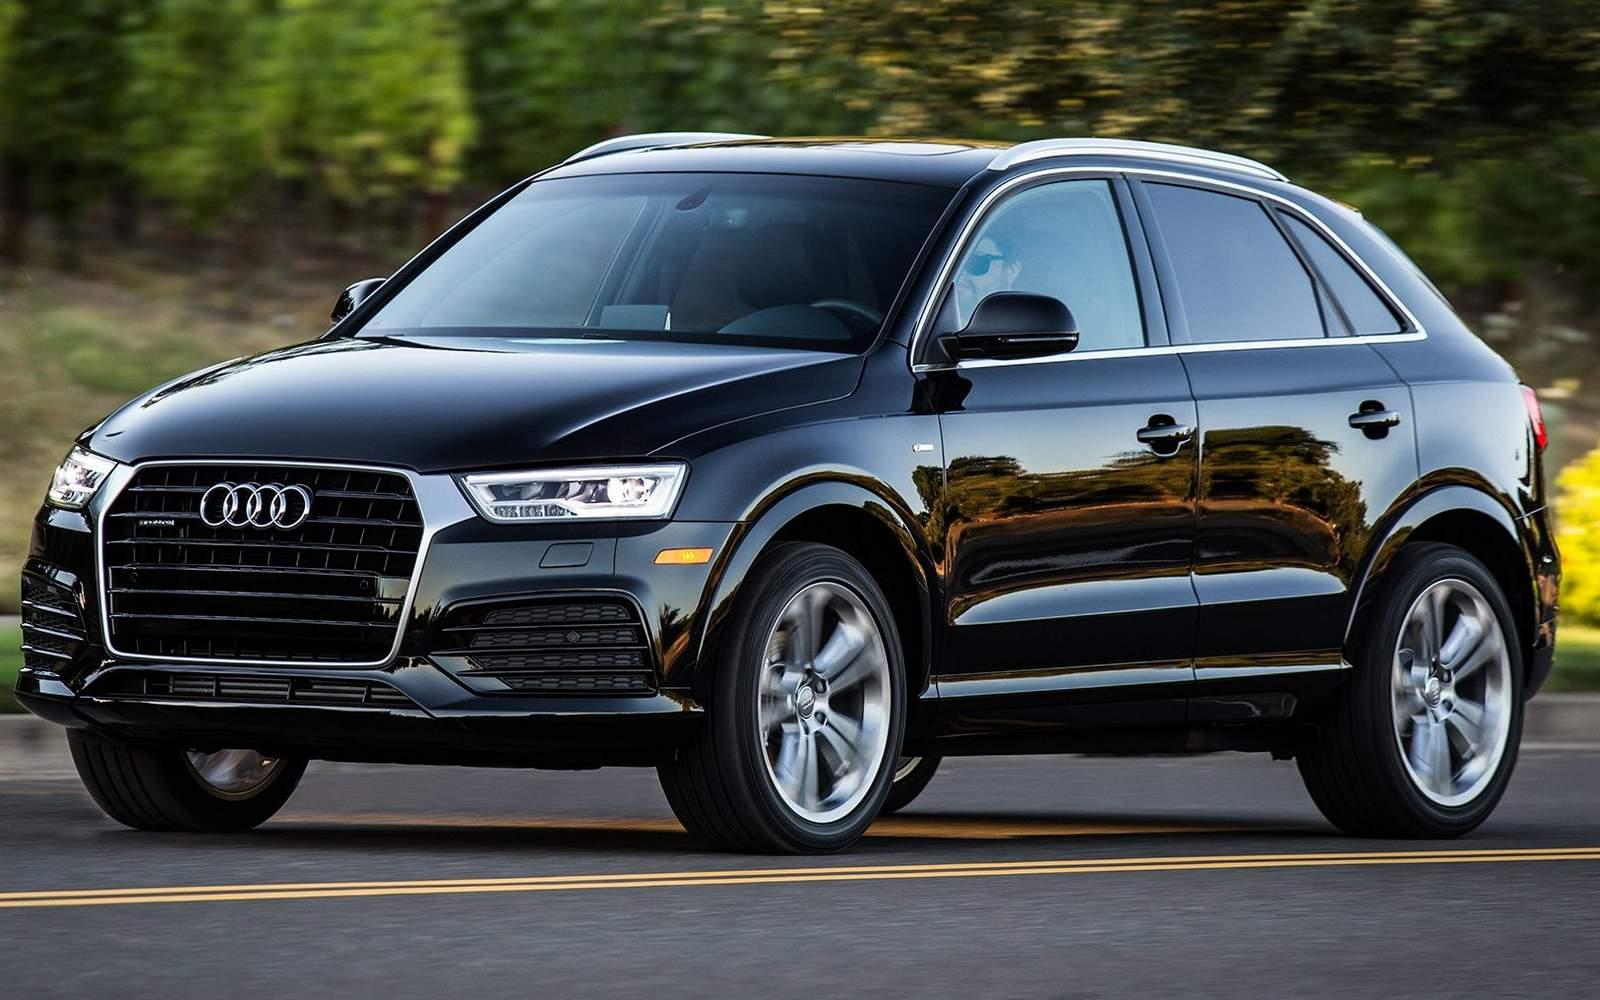 Novo Audi Q3 2017 Preco Consumo Ficha Tecnica Avaliacao Fotos